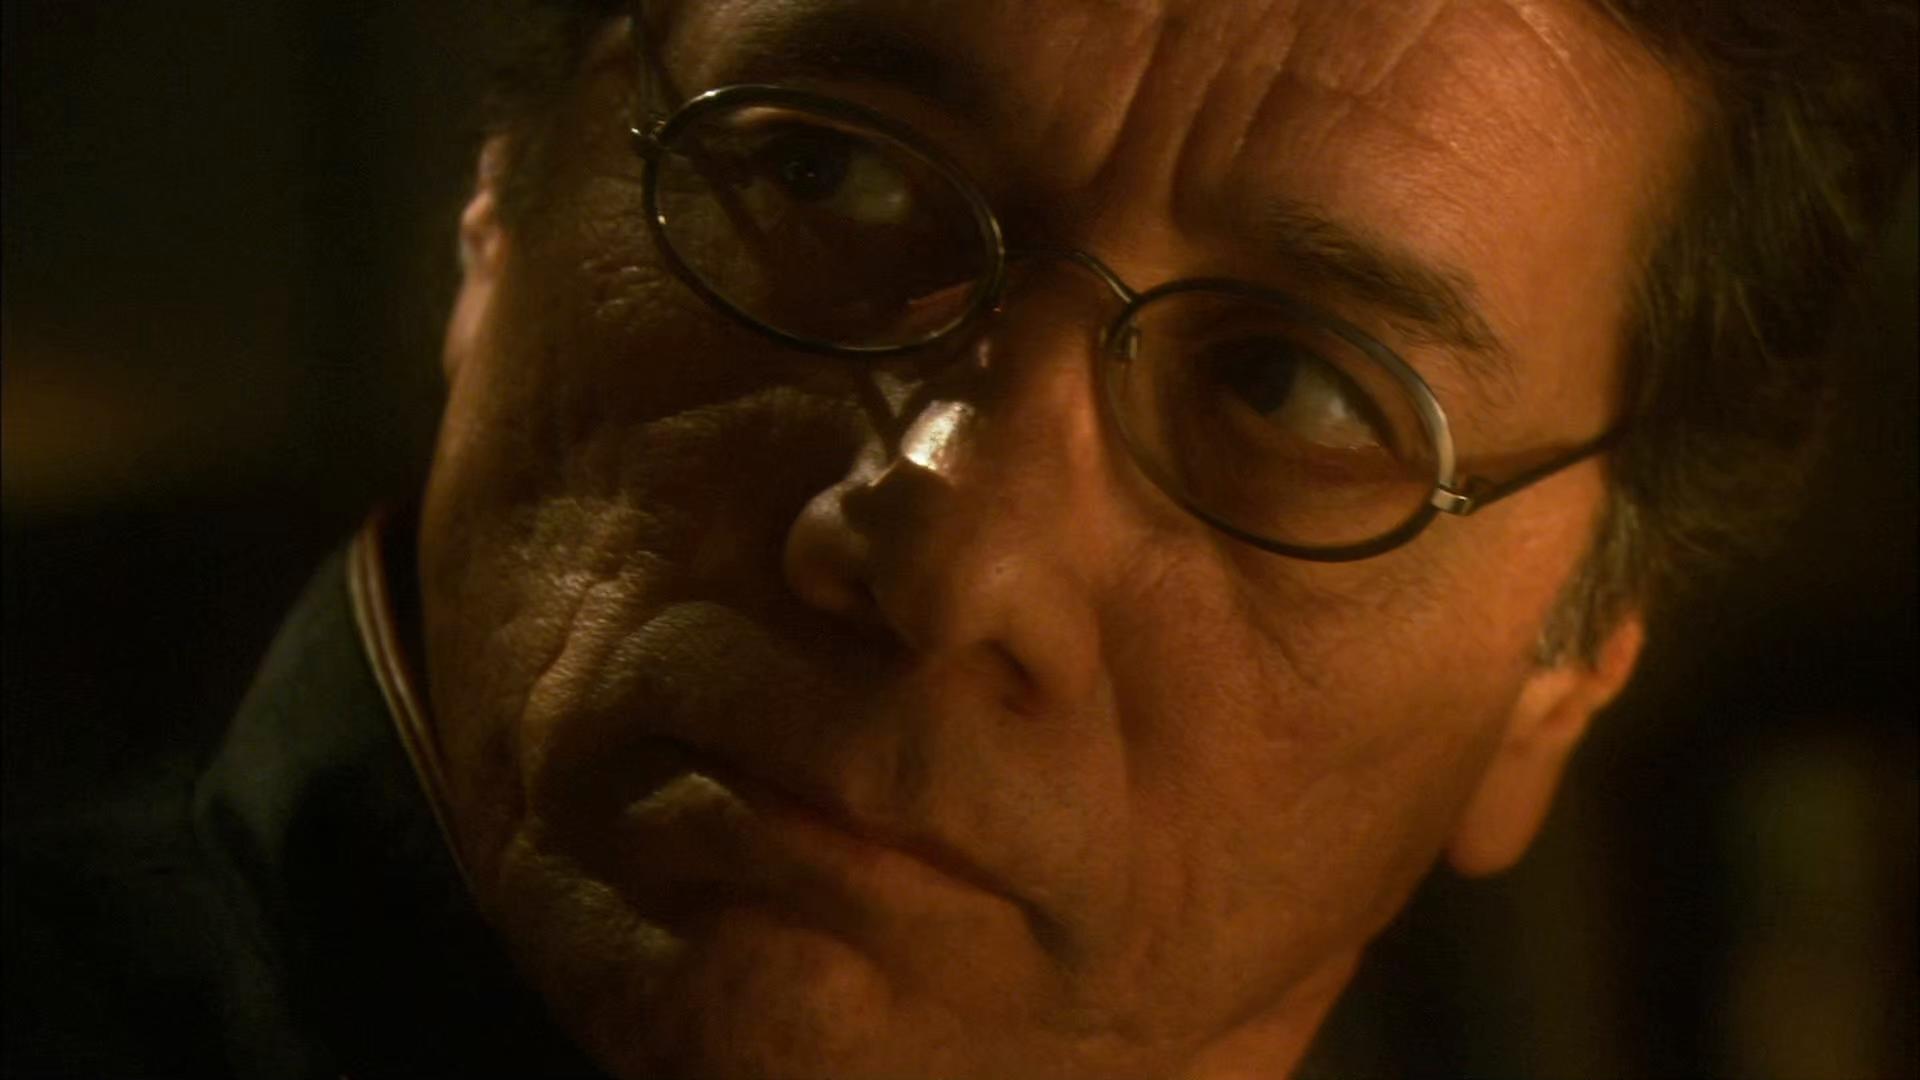 Battlestar.Galactica.2005.S02E06.Home.Part.1.BluRay.1080p.Dts.HEVC-d3g.mkv_snapshot_40.35.000.jpg